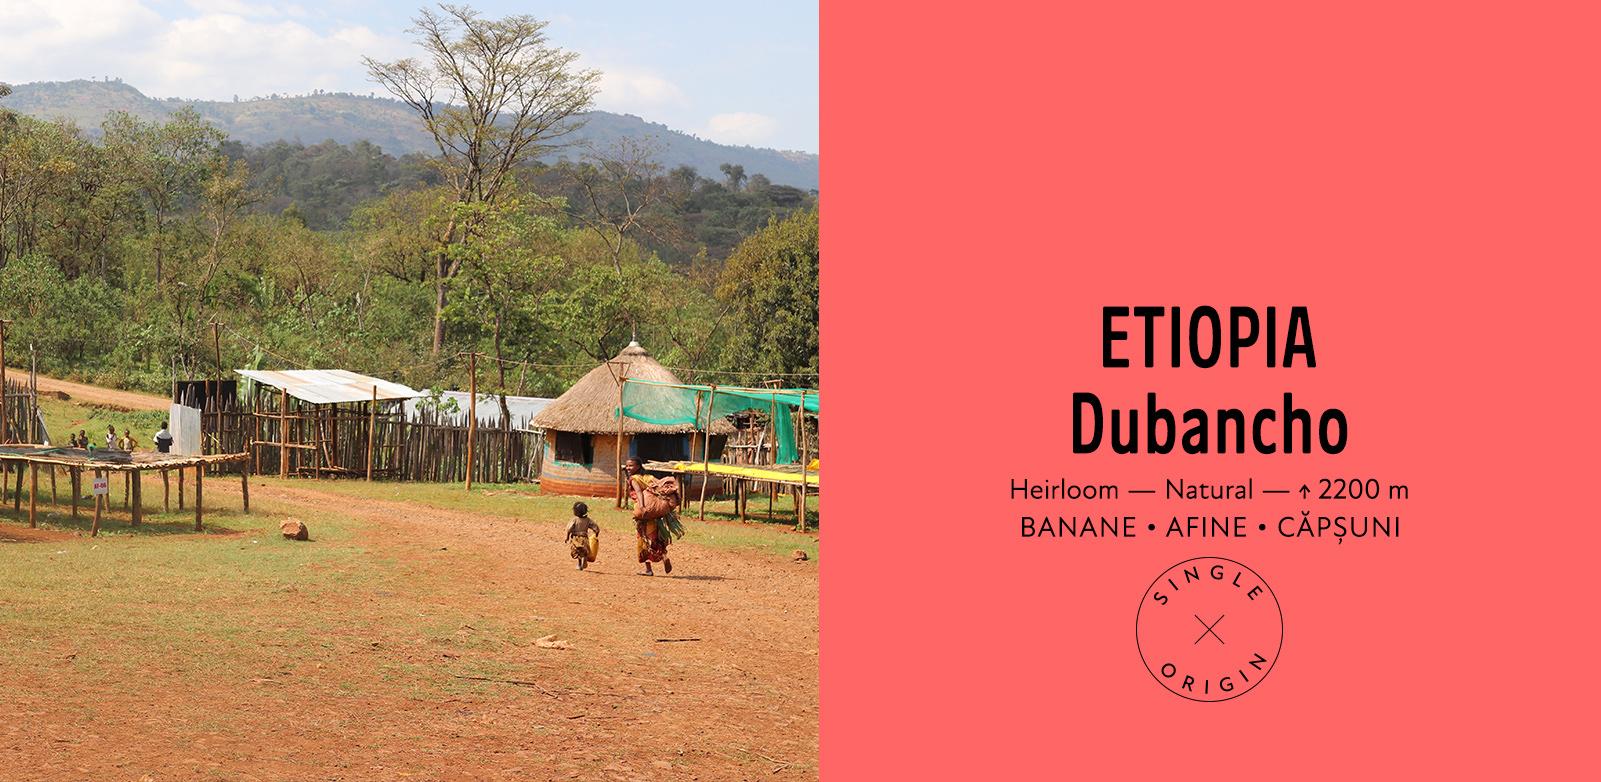 Etiopia Dubancho